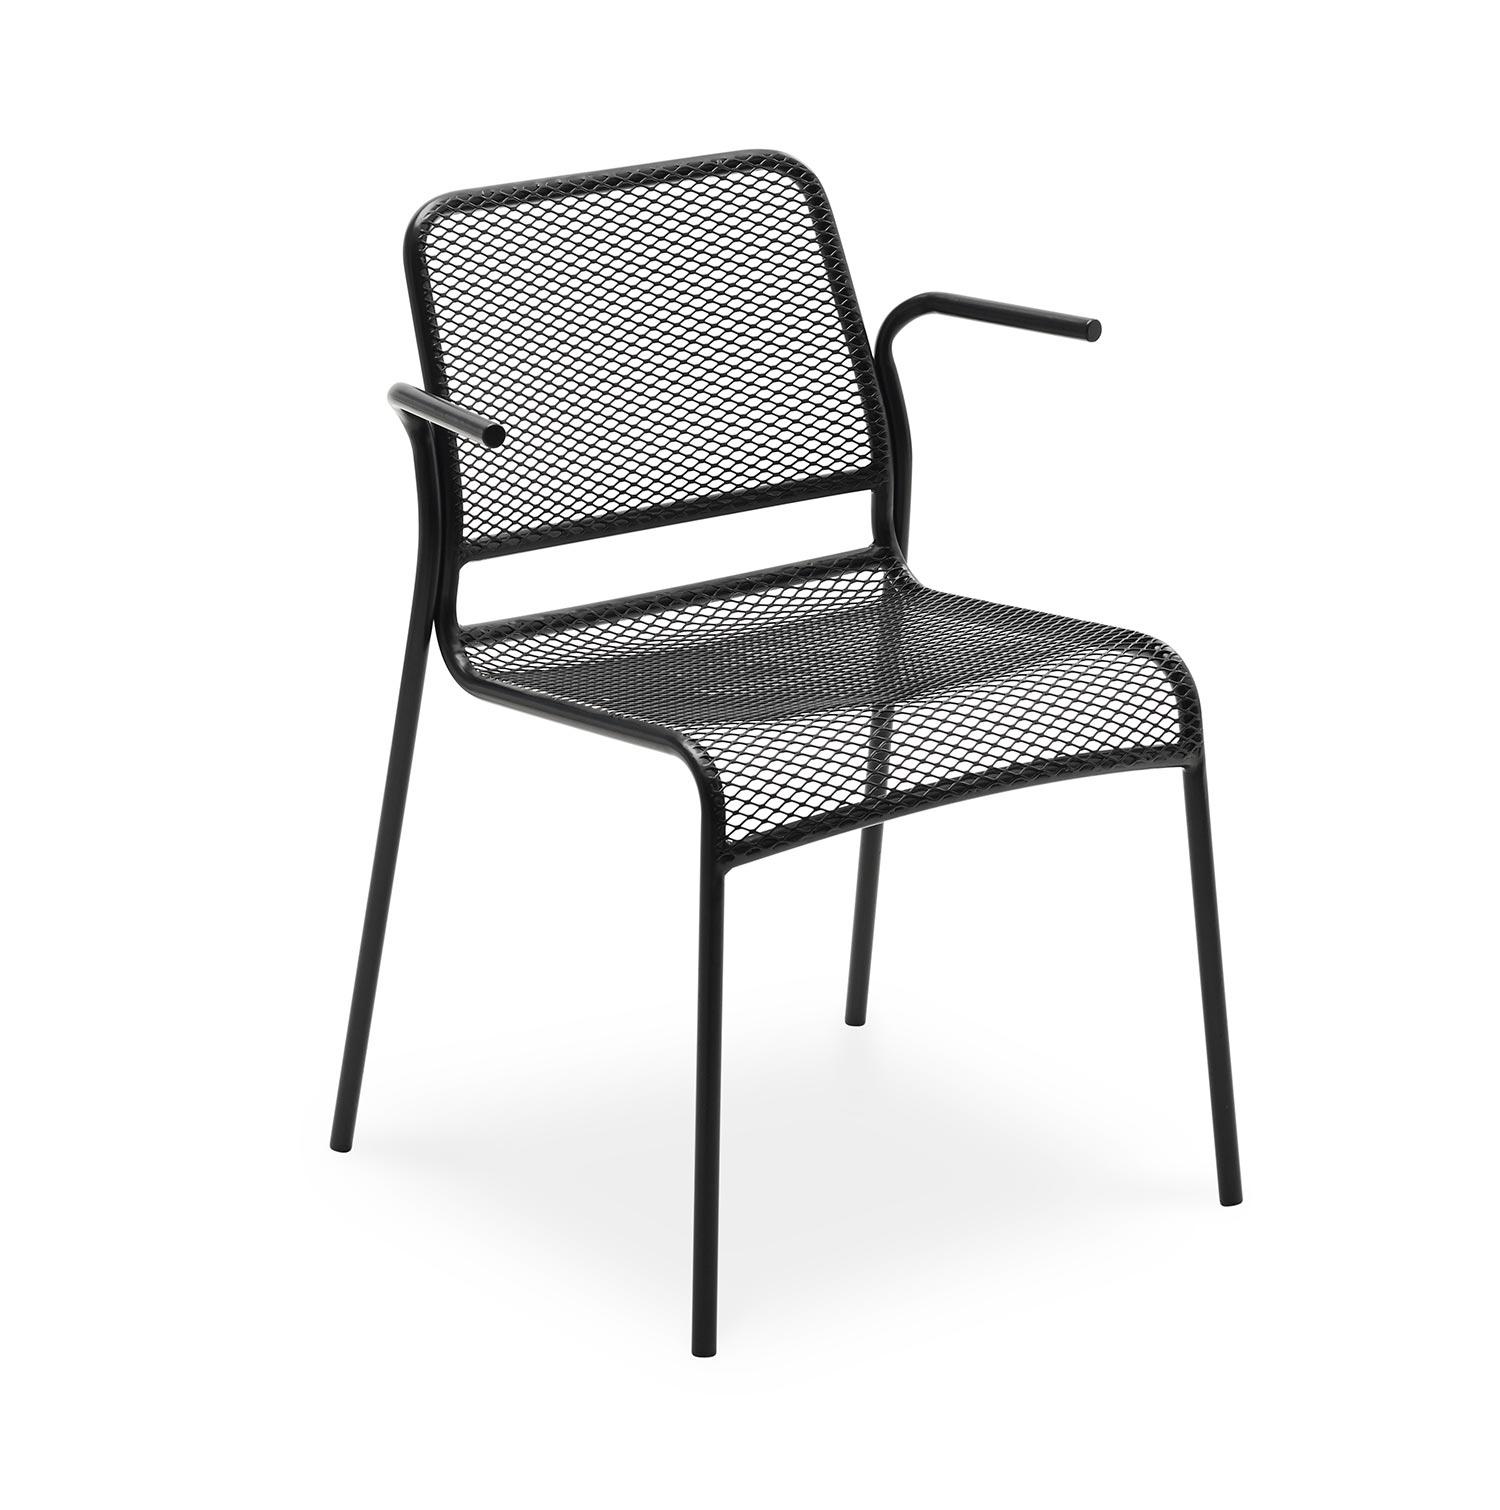 Mira karmstol i antracitgrått stål från Skagerak.